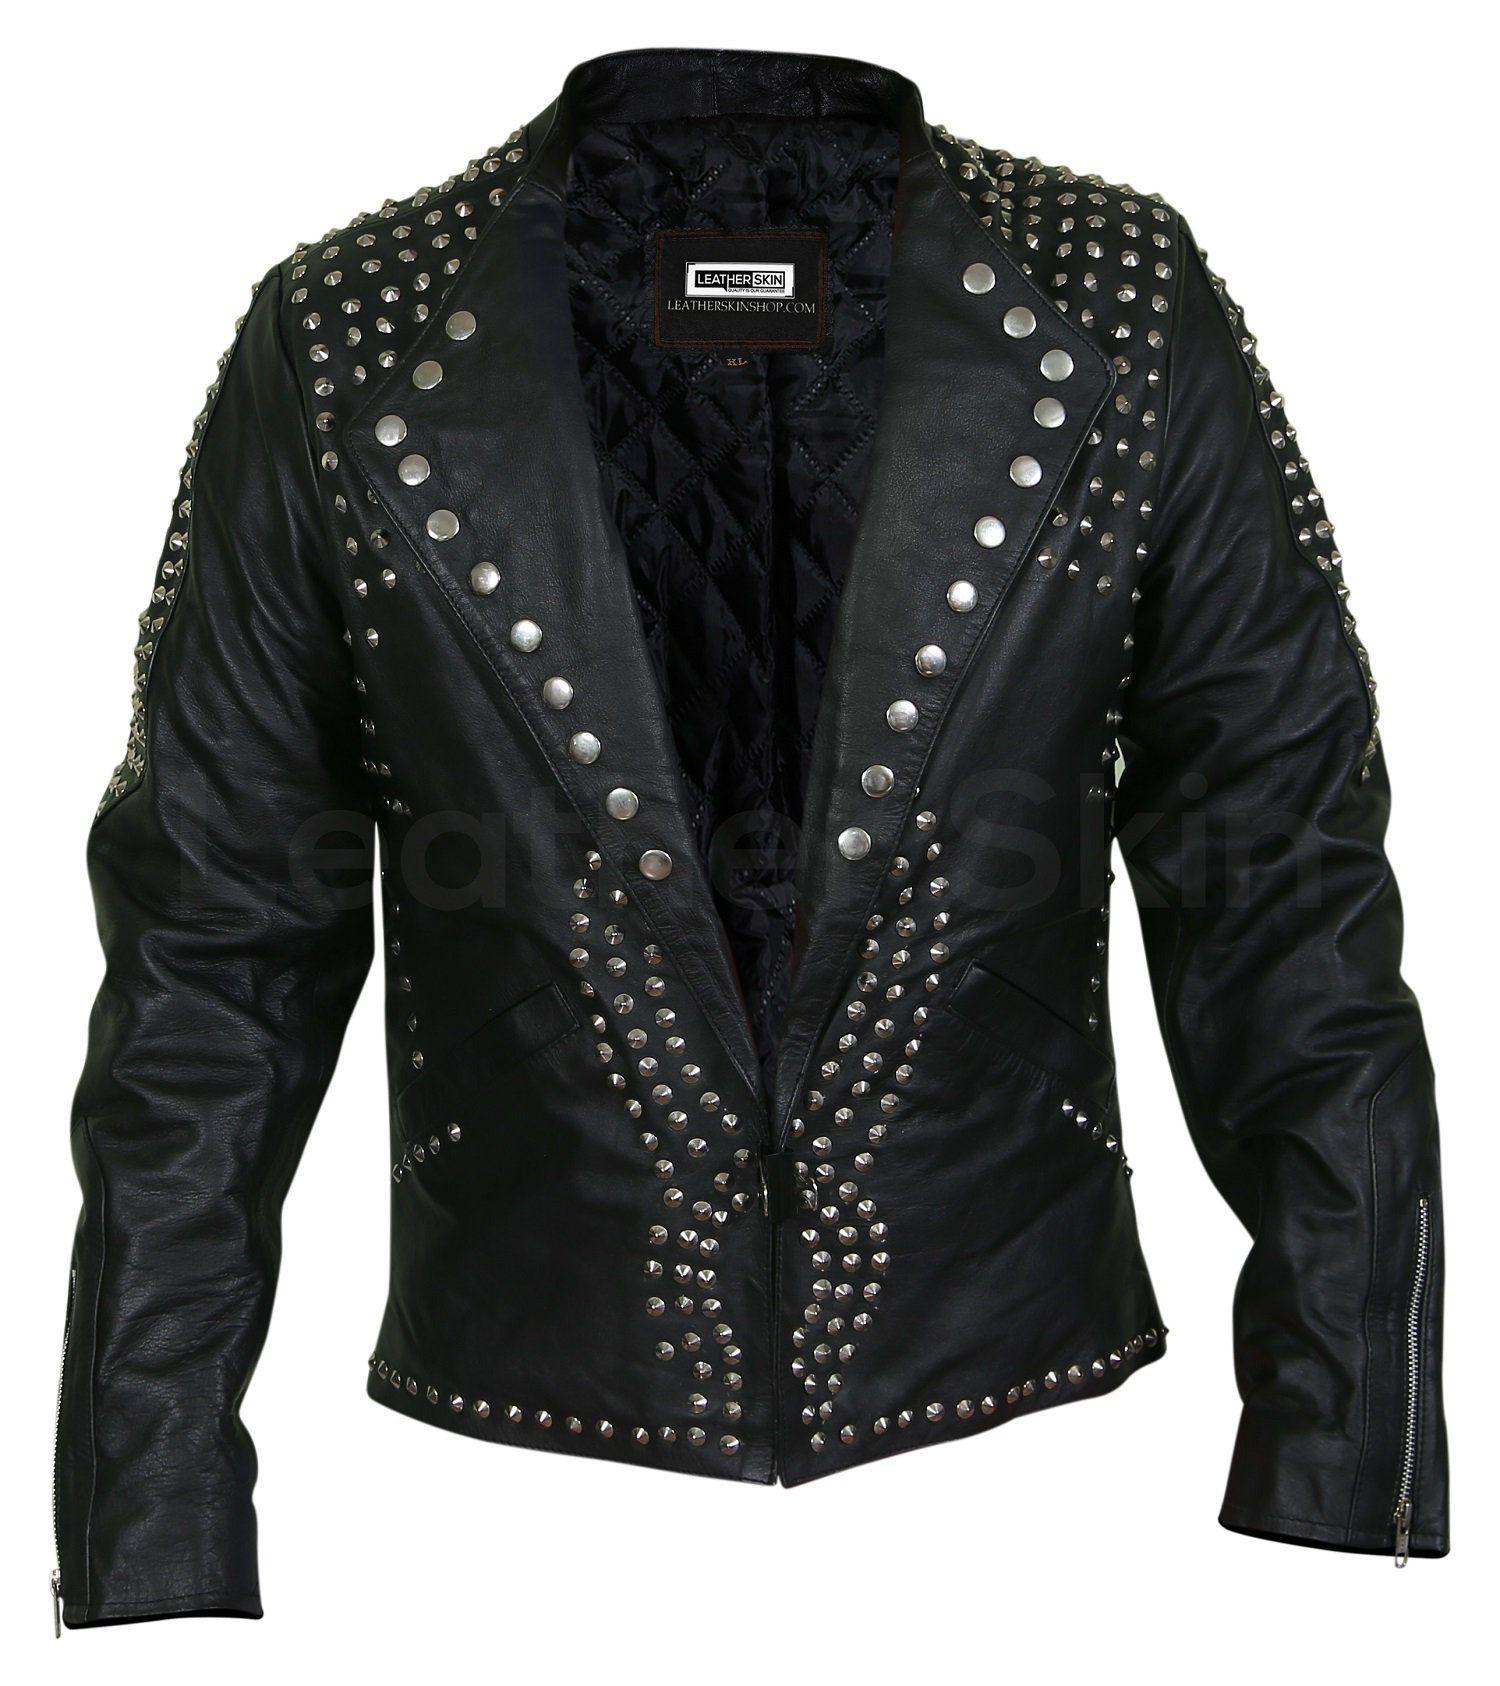 Men Black Jacket With Cone Spikes Stud On Shoulder Mens Black Jacket Best Leather Jackets Leather Jacket Black [ 1686 x 1500 Pixel ]